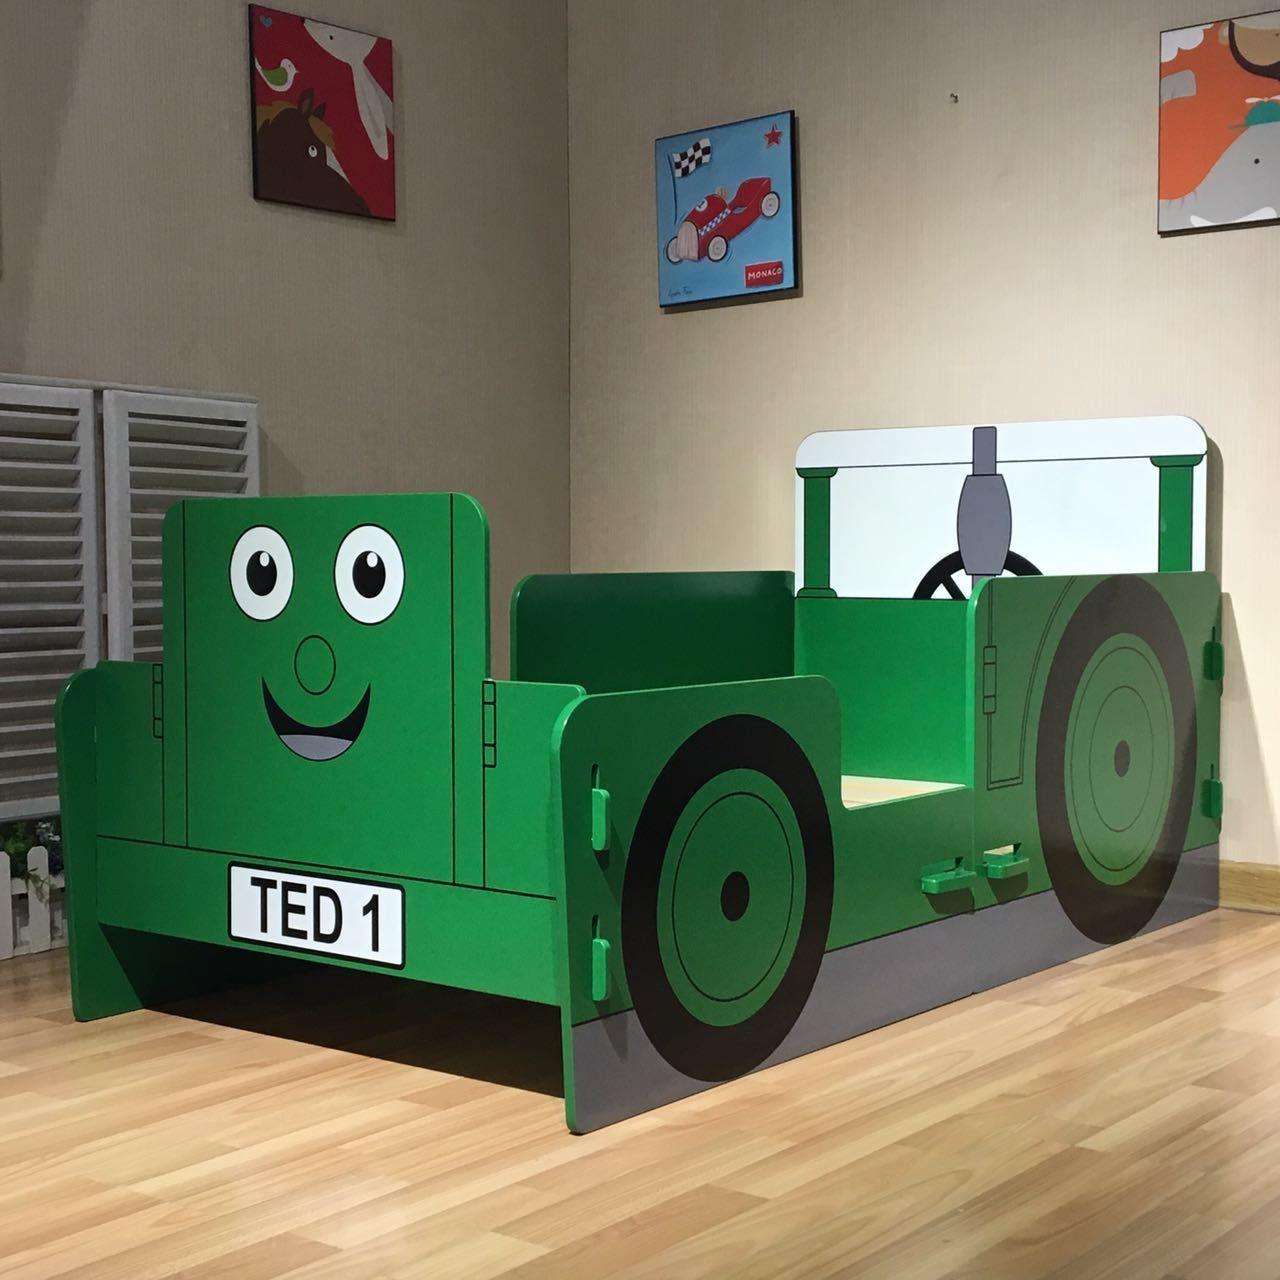 Traktor Ted Junior Bett Dieser Kinderbett Im Traktor Design Ist Ein Echter Blickfang In 2020 Betten Fur Kinder Kinder Bett Coole Kinderbetten